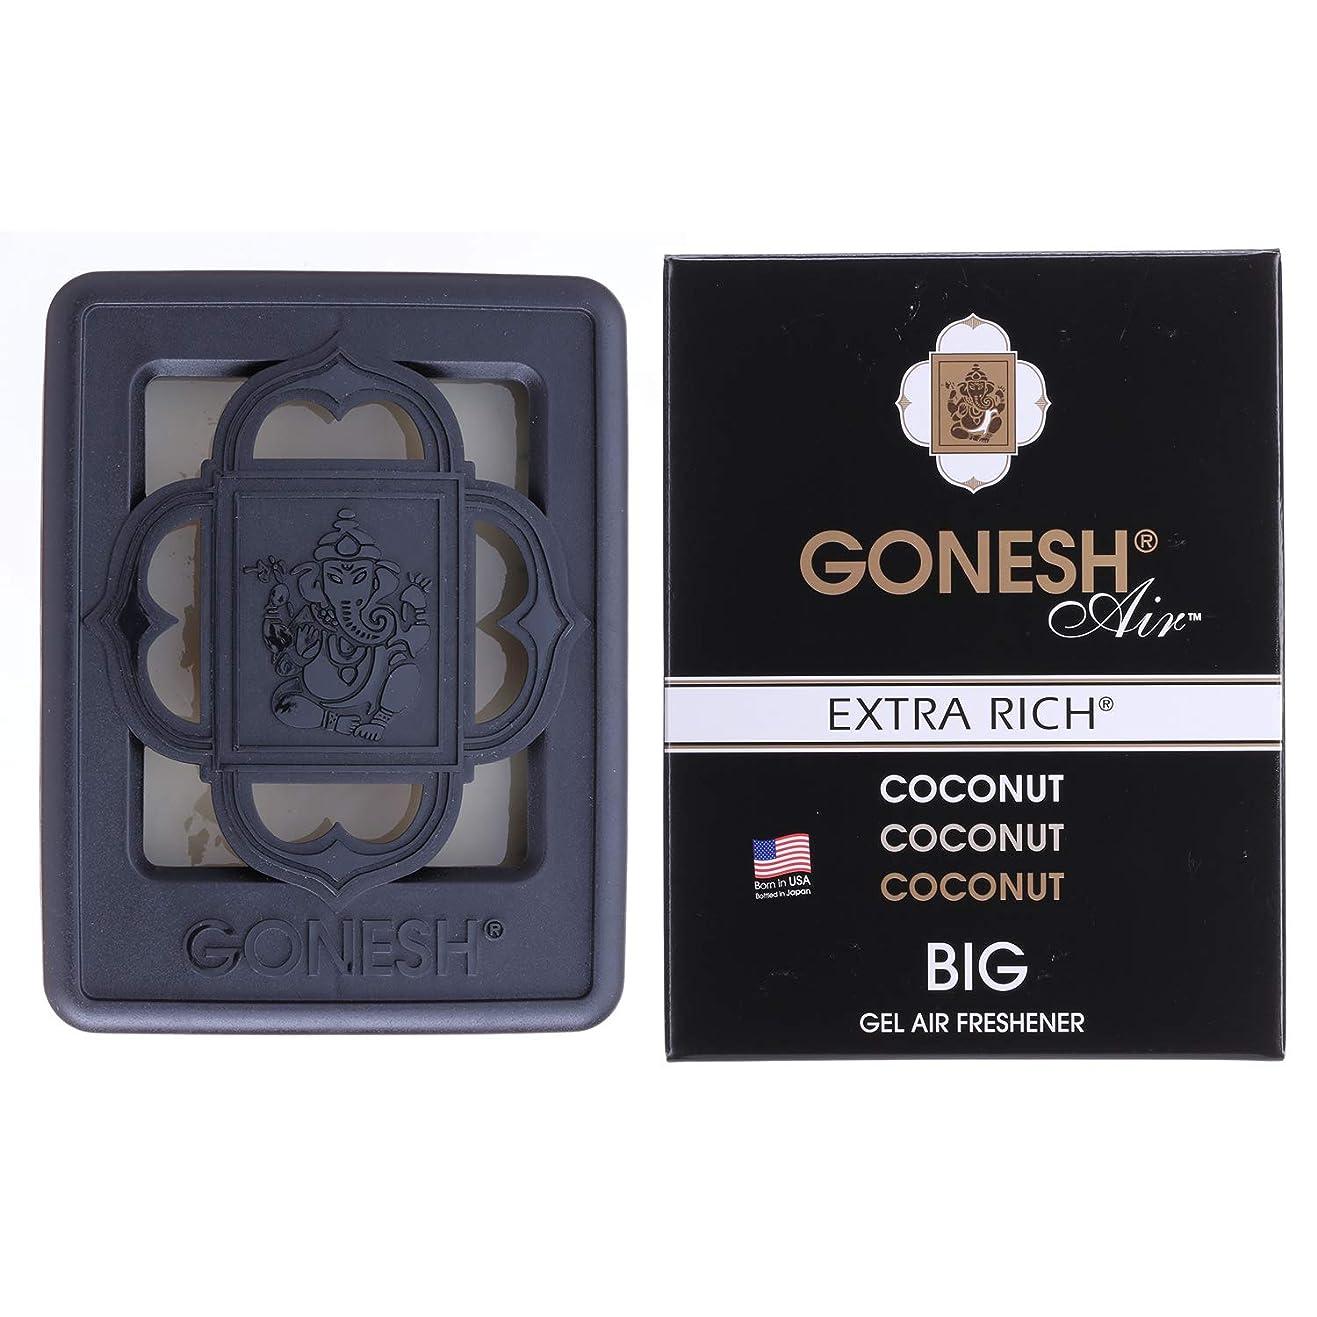 フォームイディオム意味のあるGONESH(ガーネッシュ)ビッグゲルエアフレッシュナー ココナッツ(ココナッツの香り)